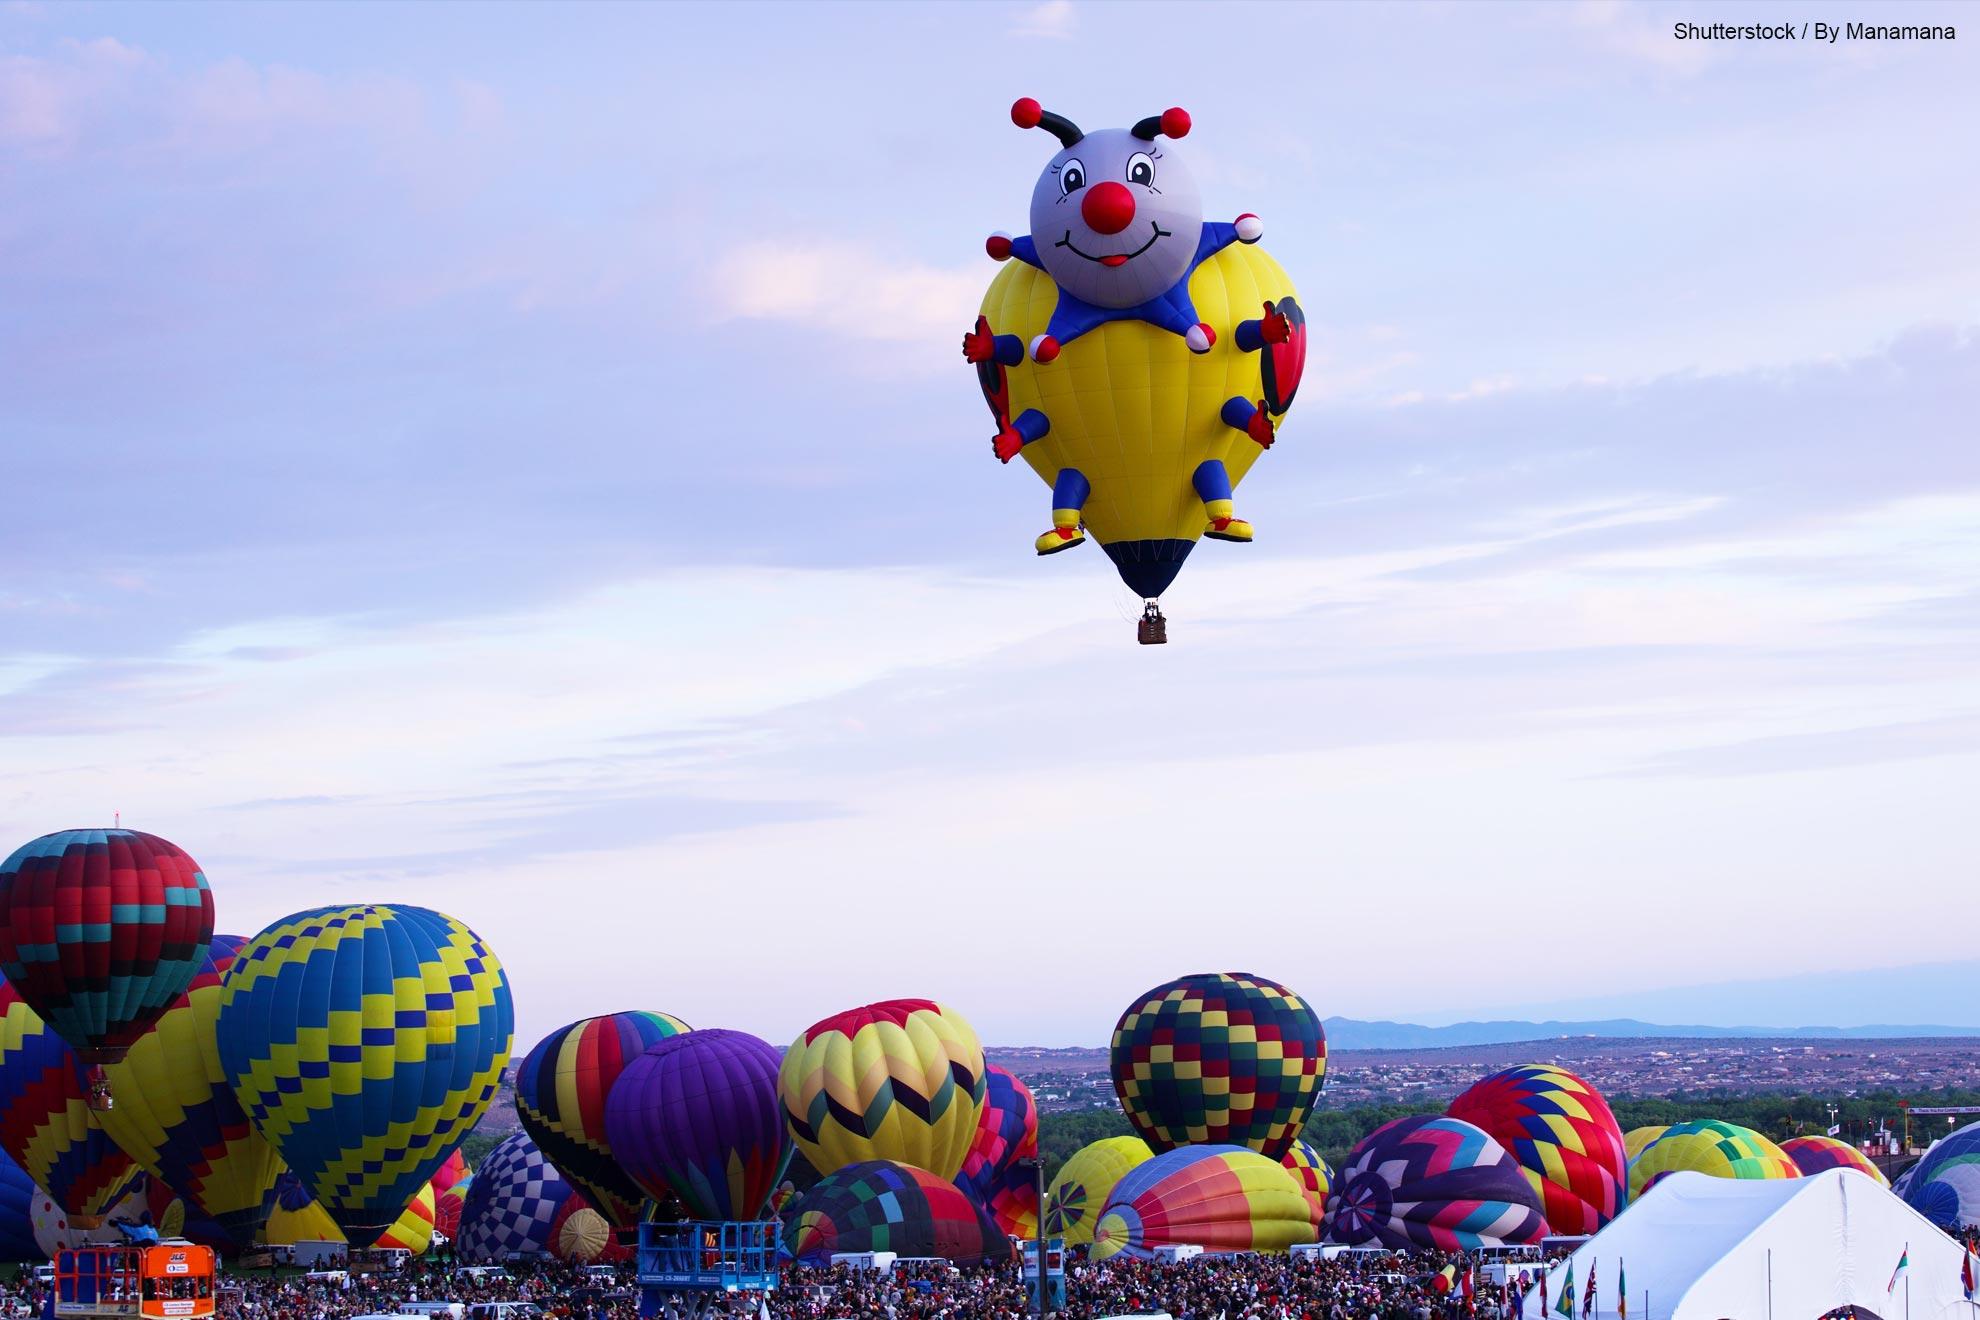 The Astounding Albuquerque International Balloon Fiesta 2013